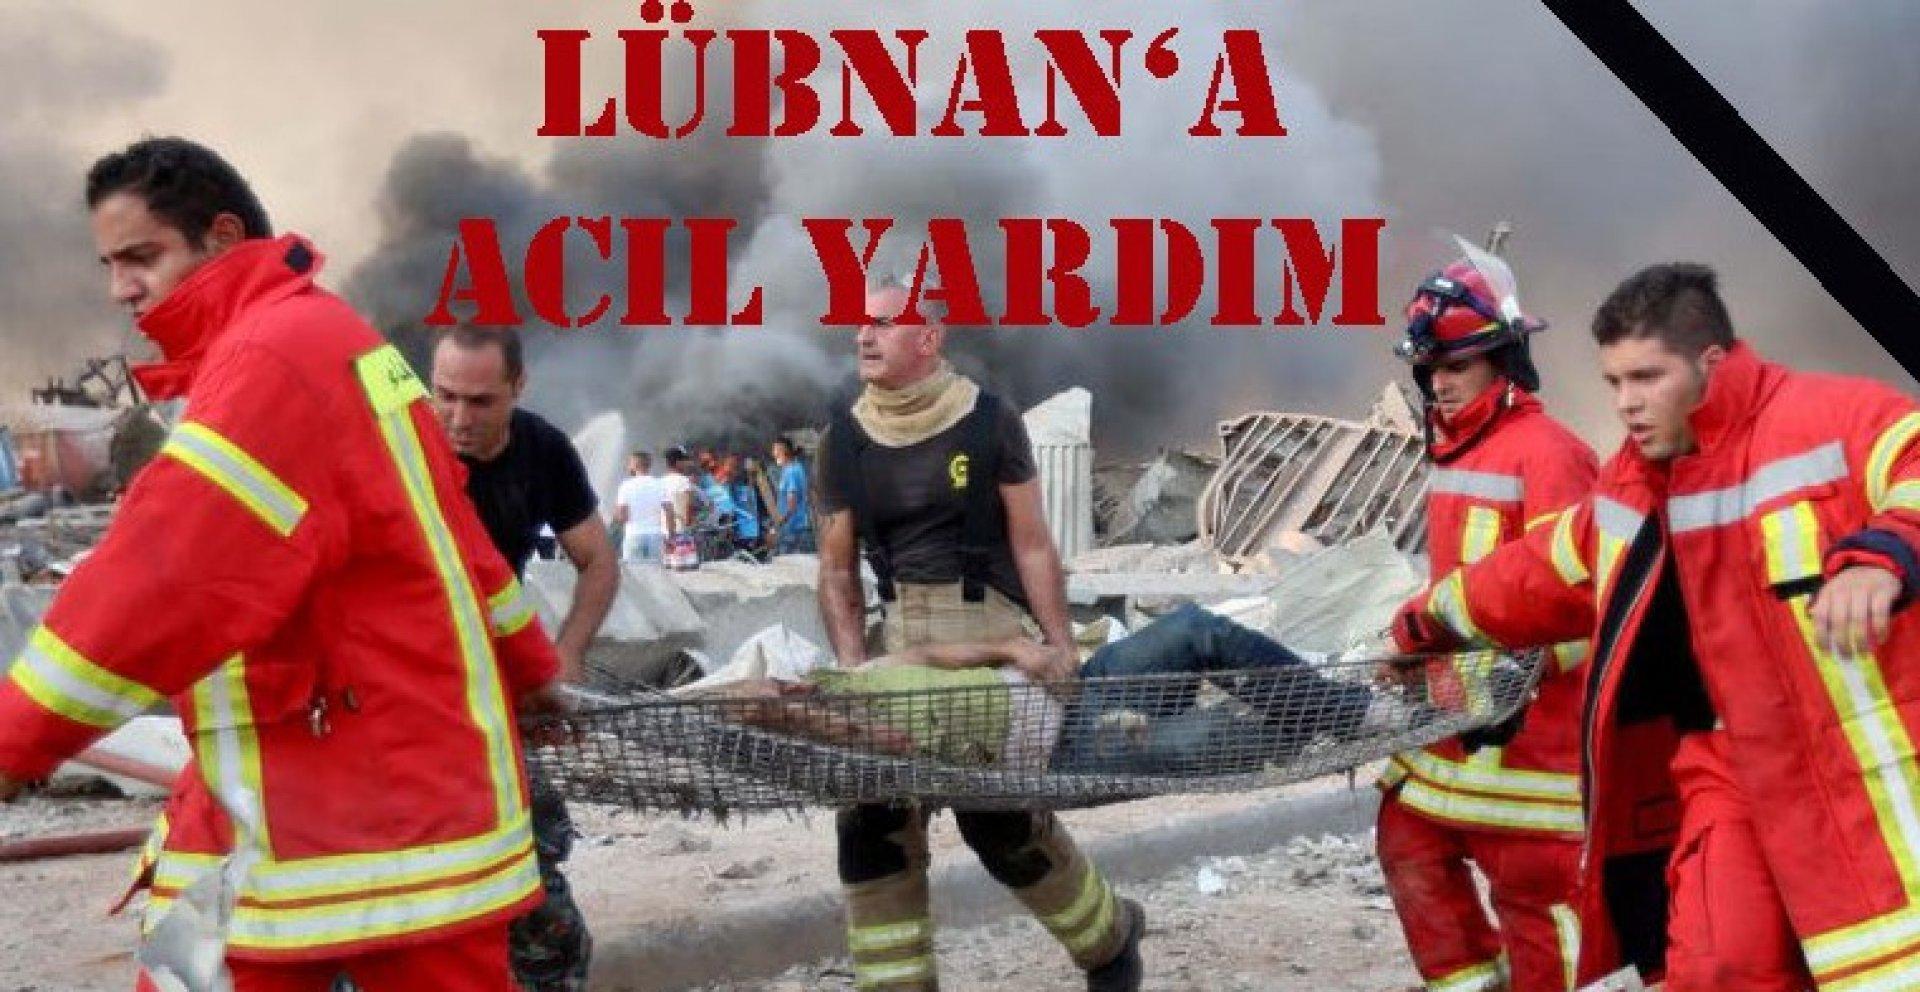 """LÜBNAN'a """"ACİL YARDIM"""" Kampanyası"""